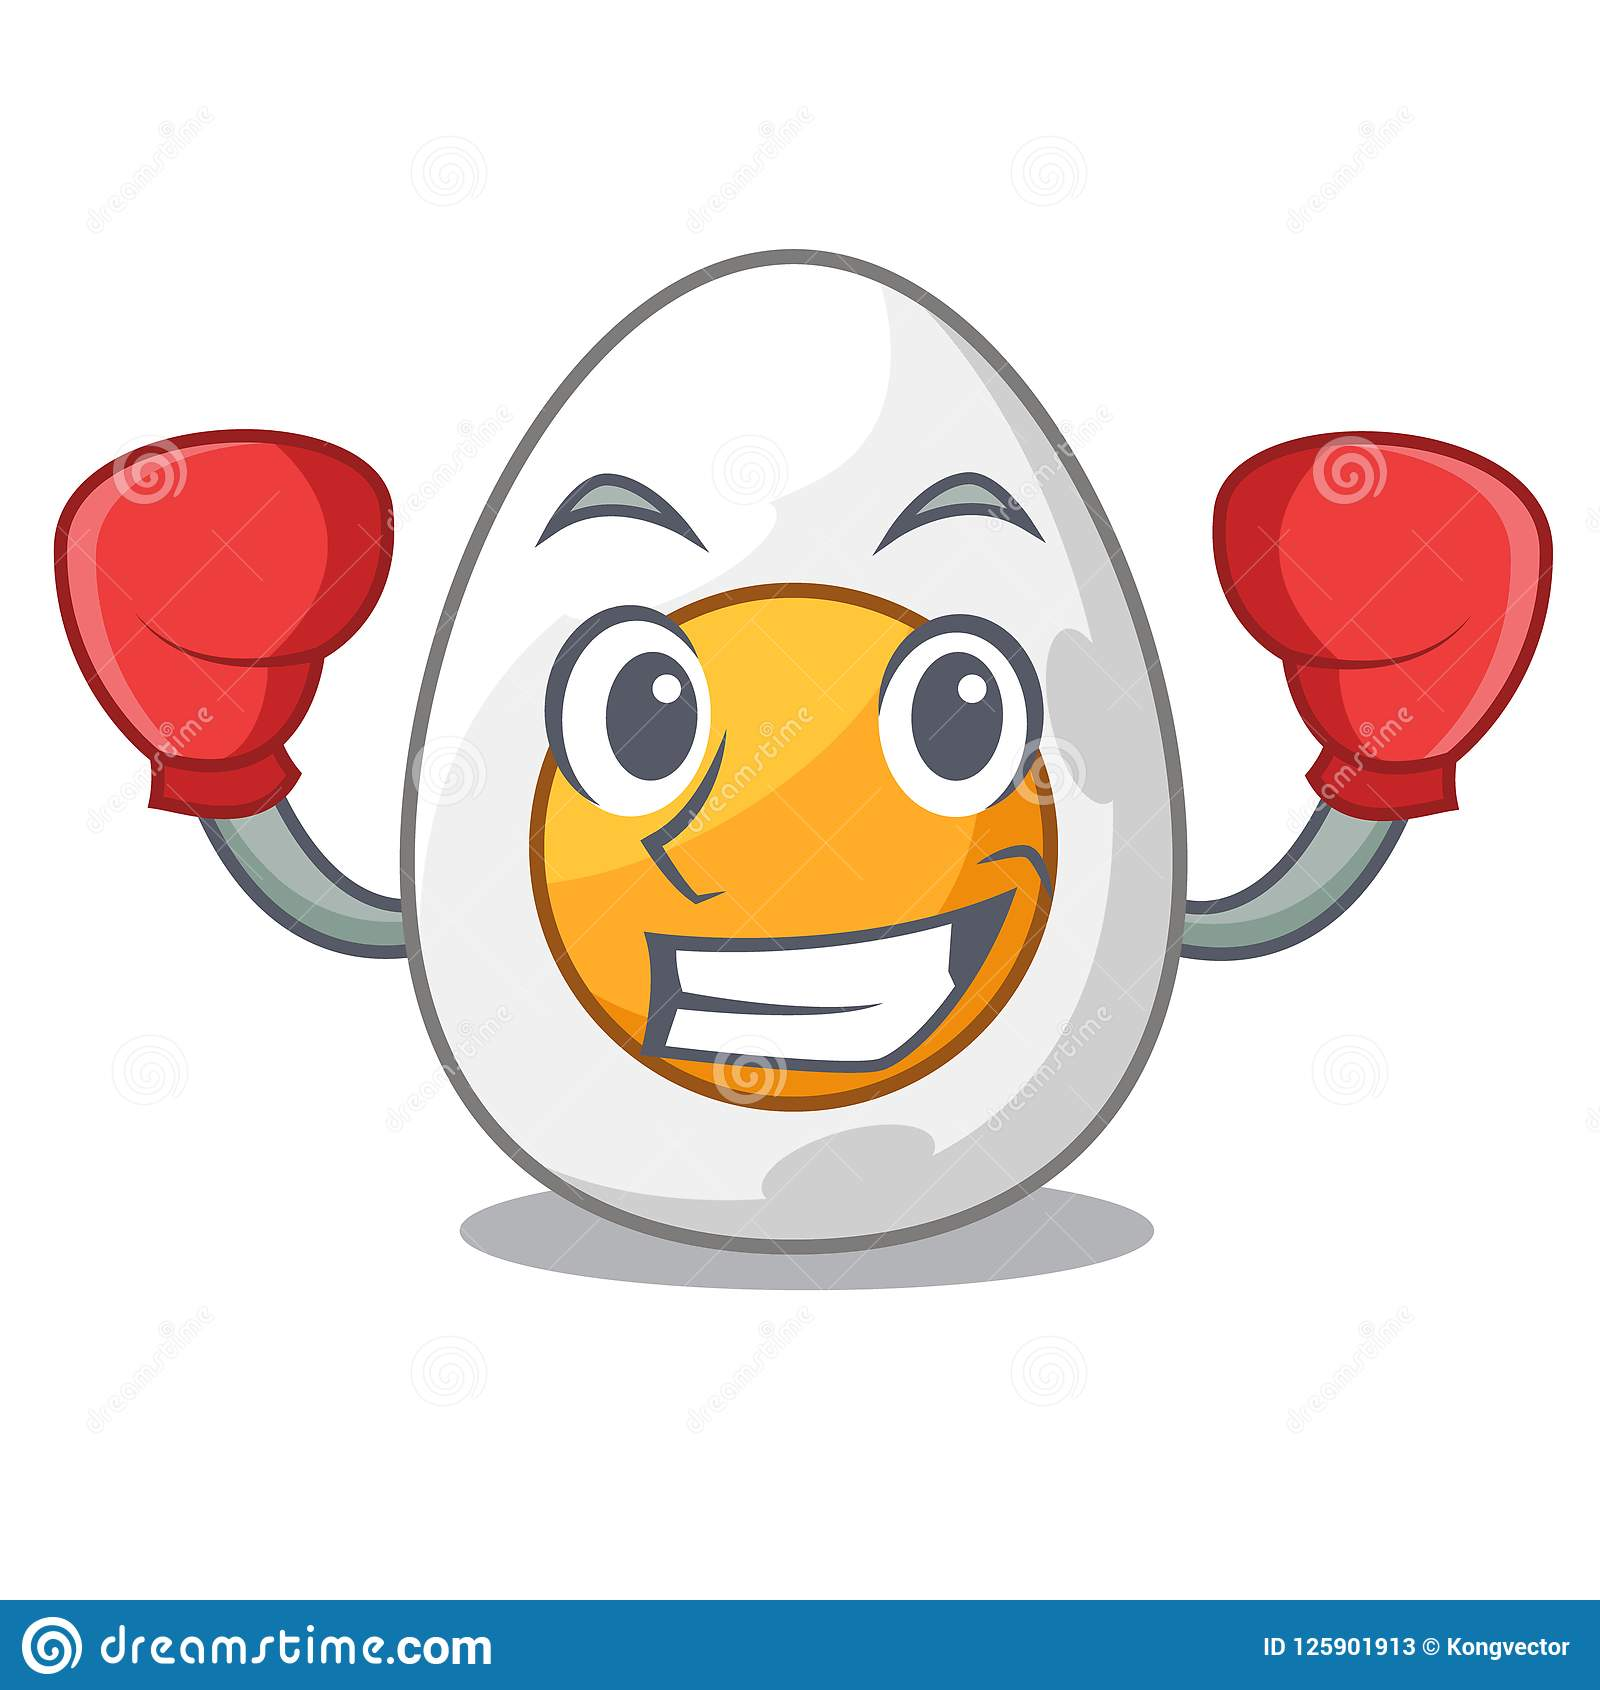 Boxing cartoon boiled egg sliced for breakfast